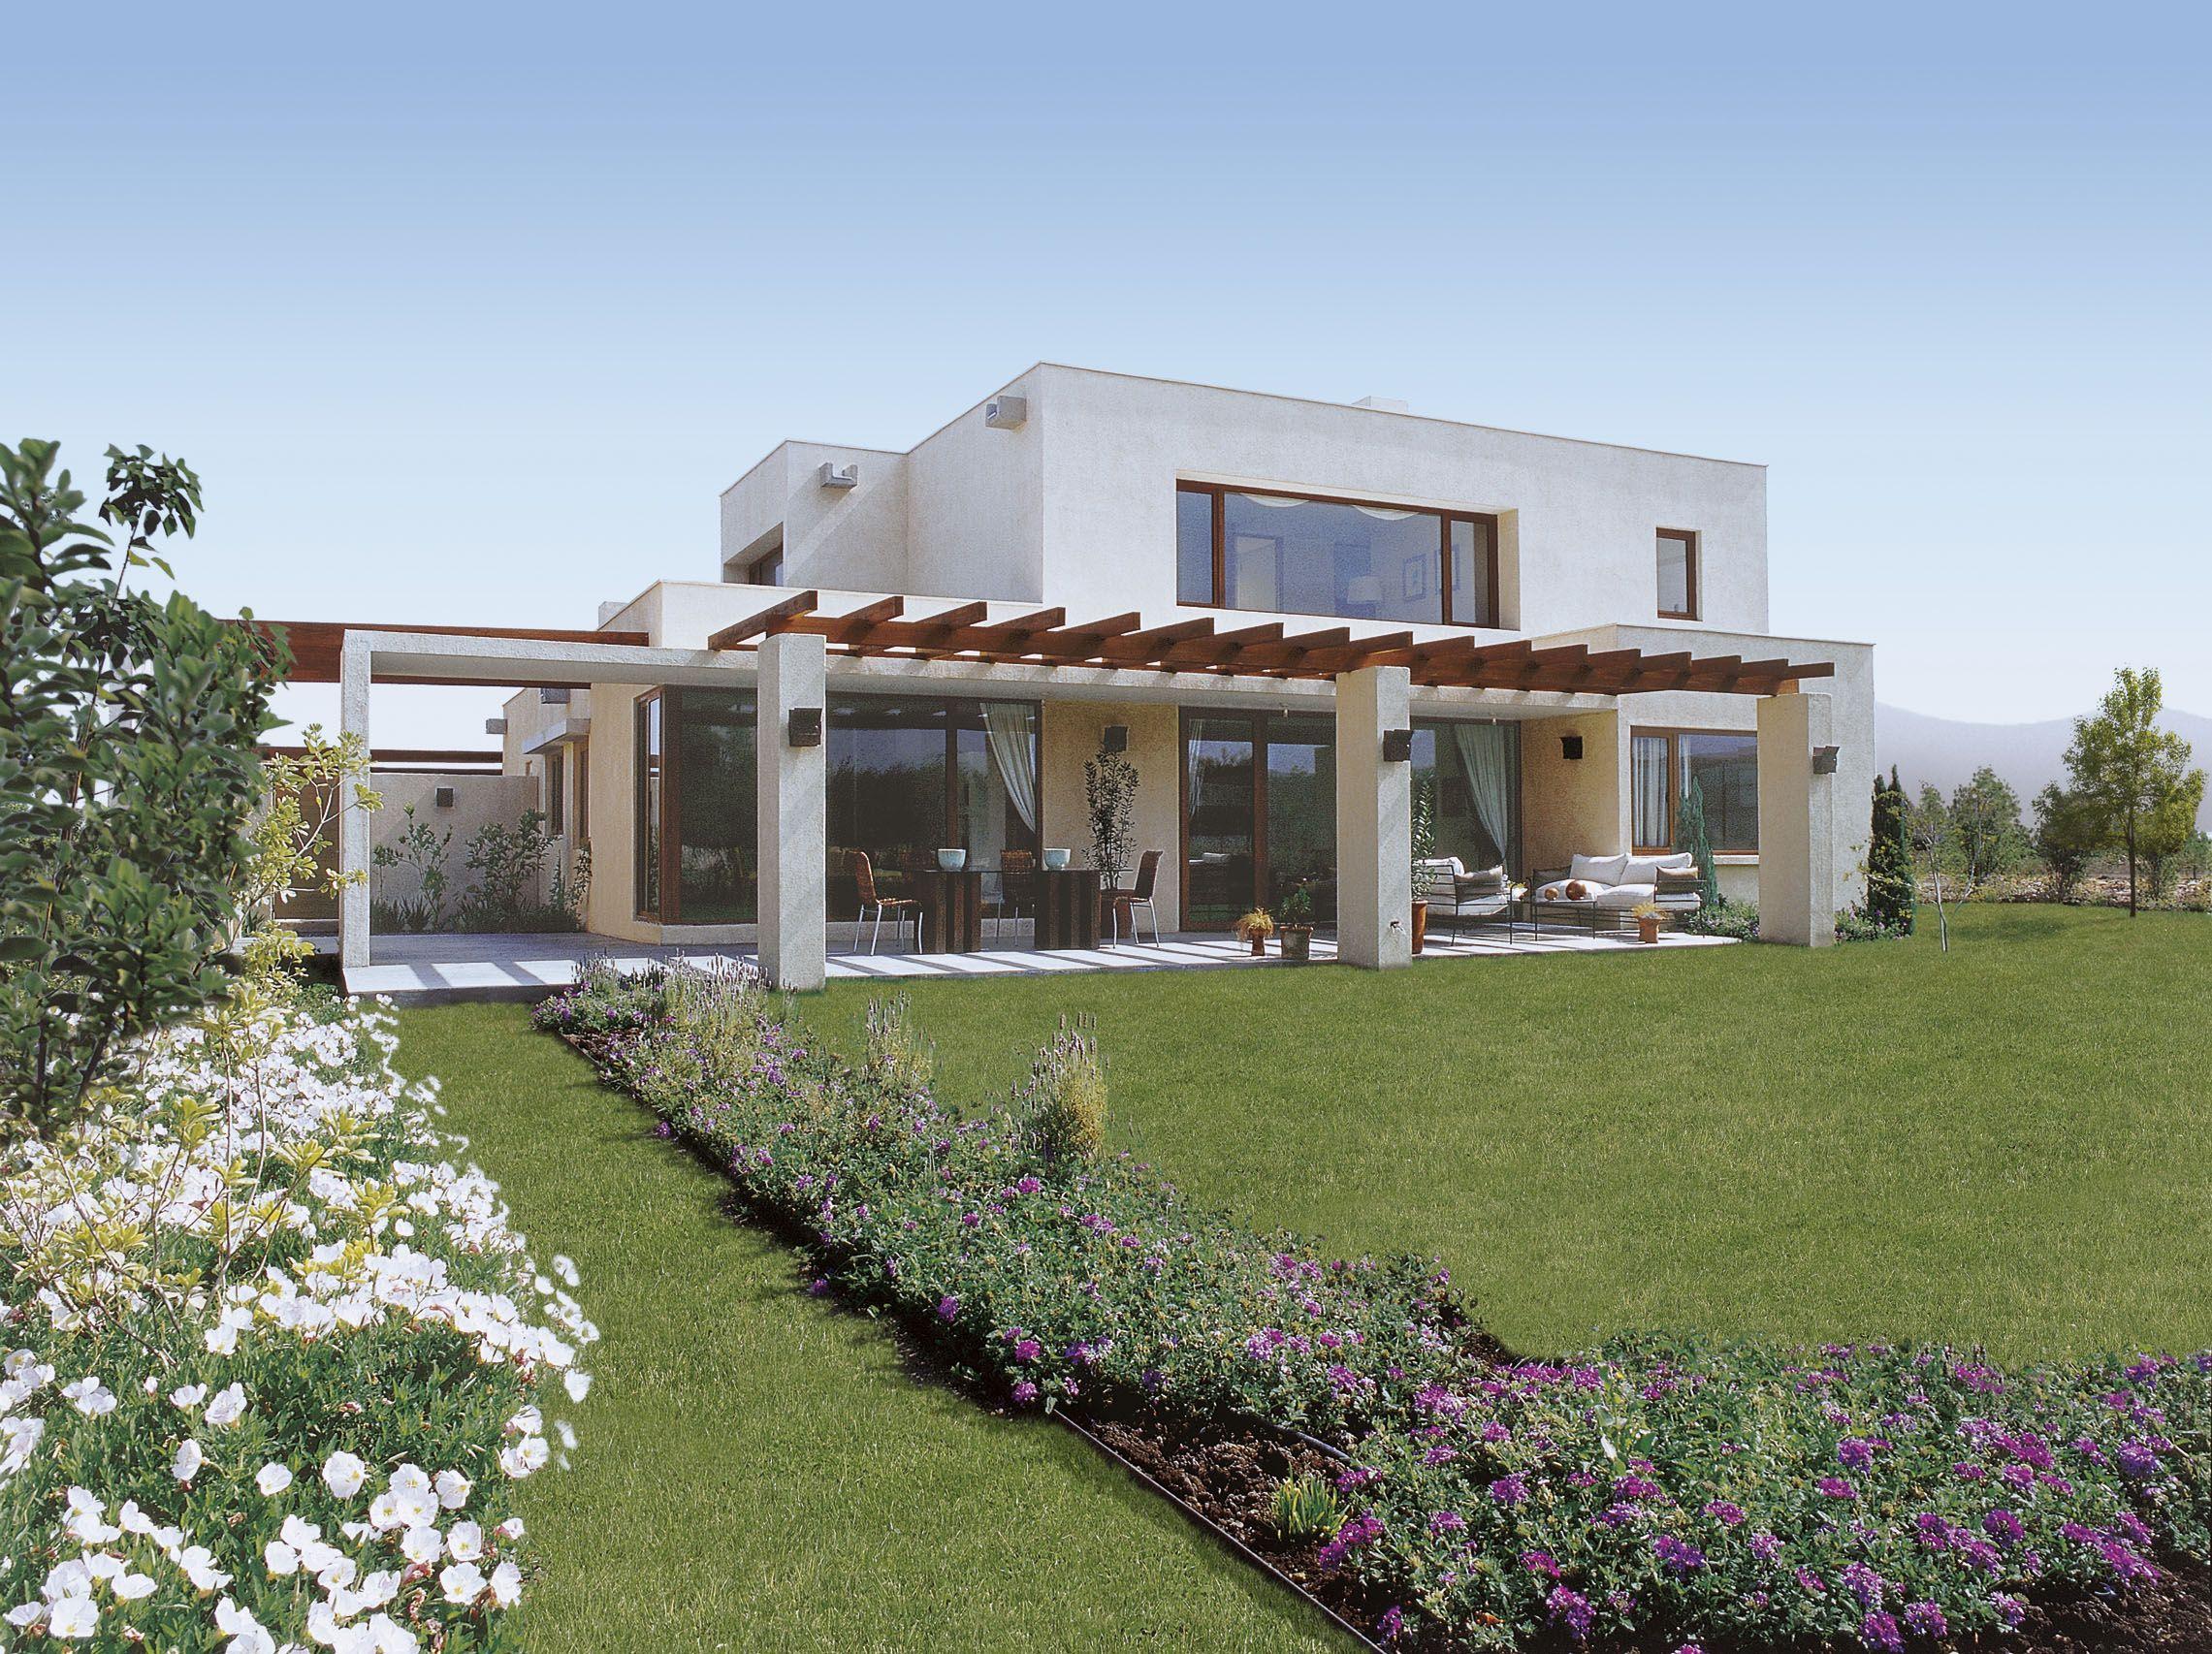 Casas estilo mediterraneo buscar con google houses pinterest casas mediterr neas de las - Casas modernas prefabricadas ...